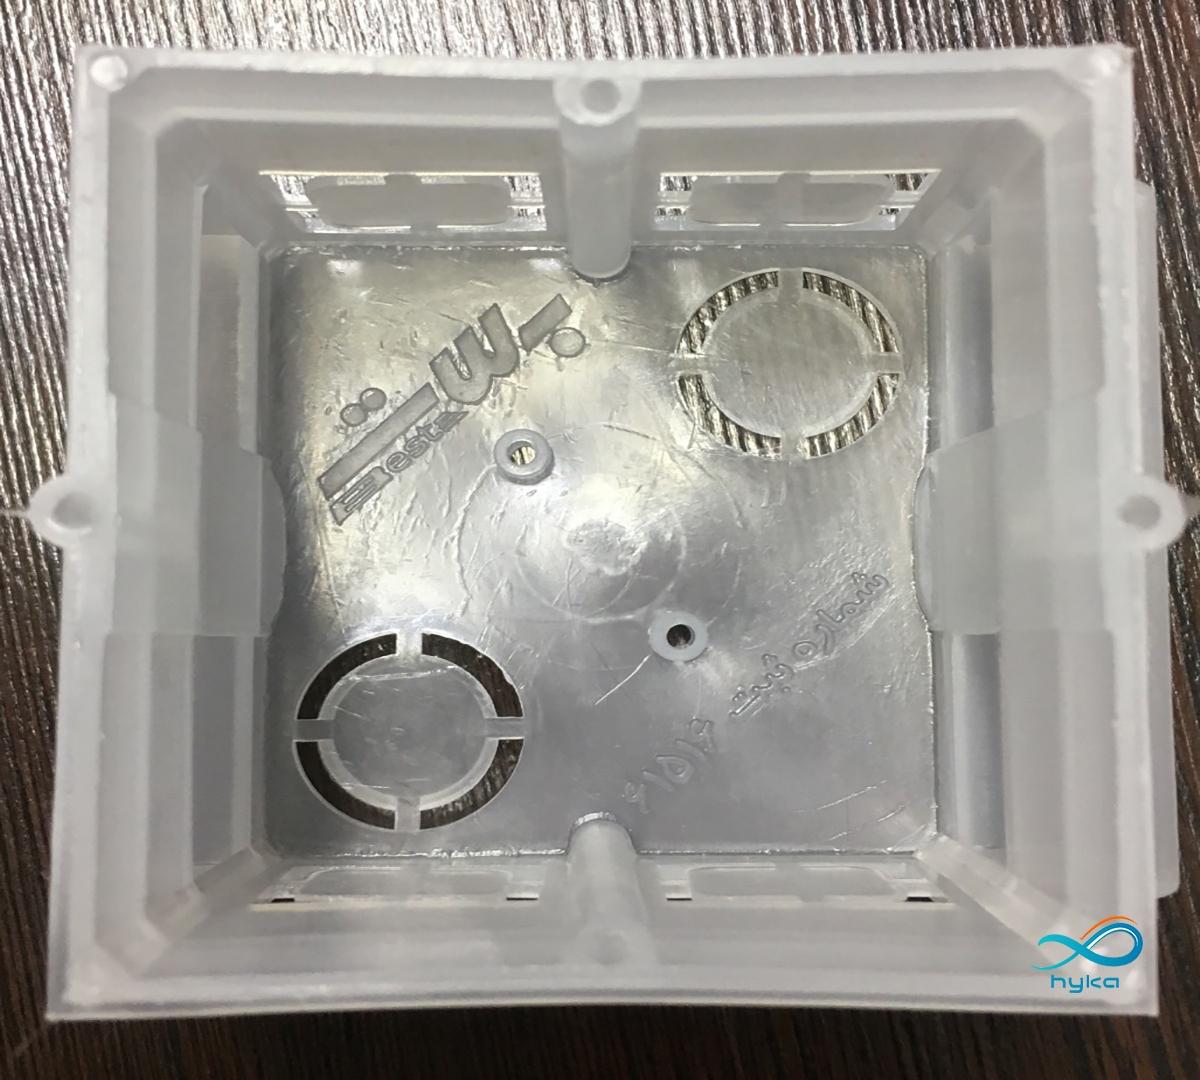 قوطی های مناسب نصب کلید لمسی